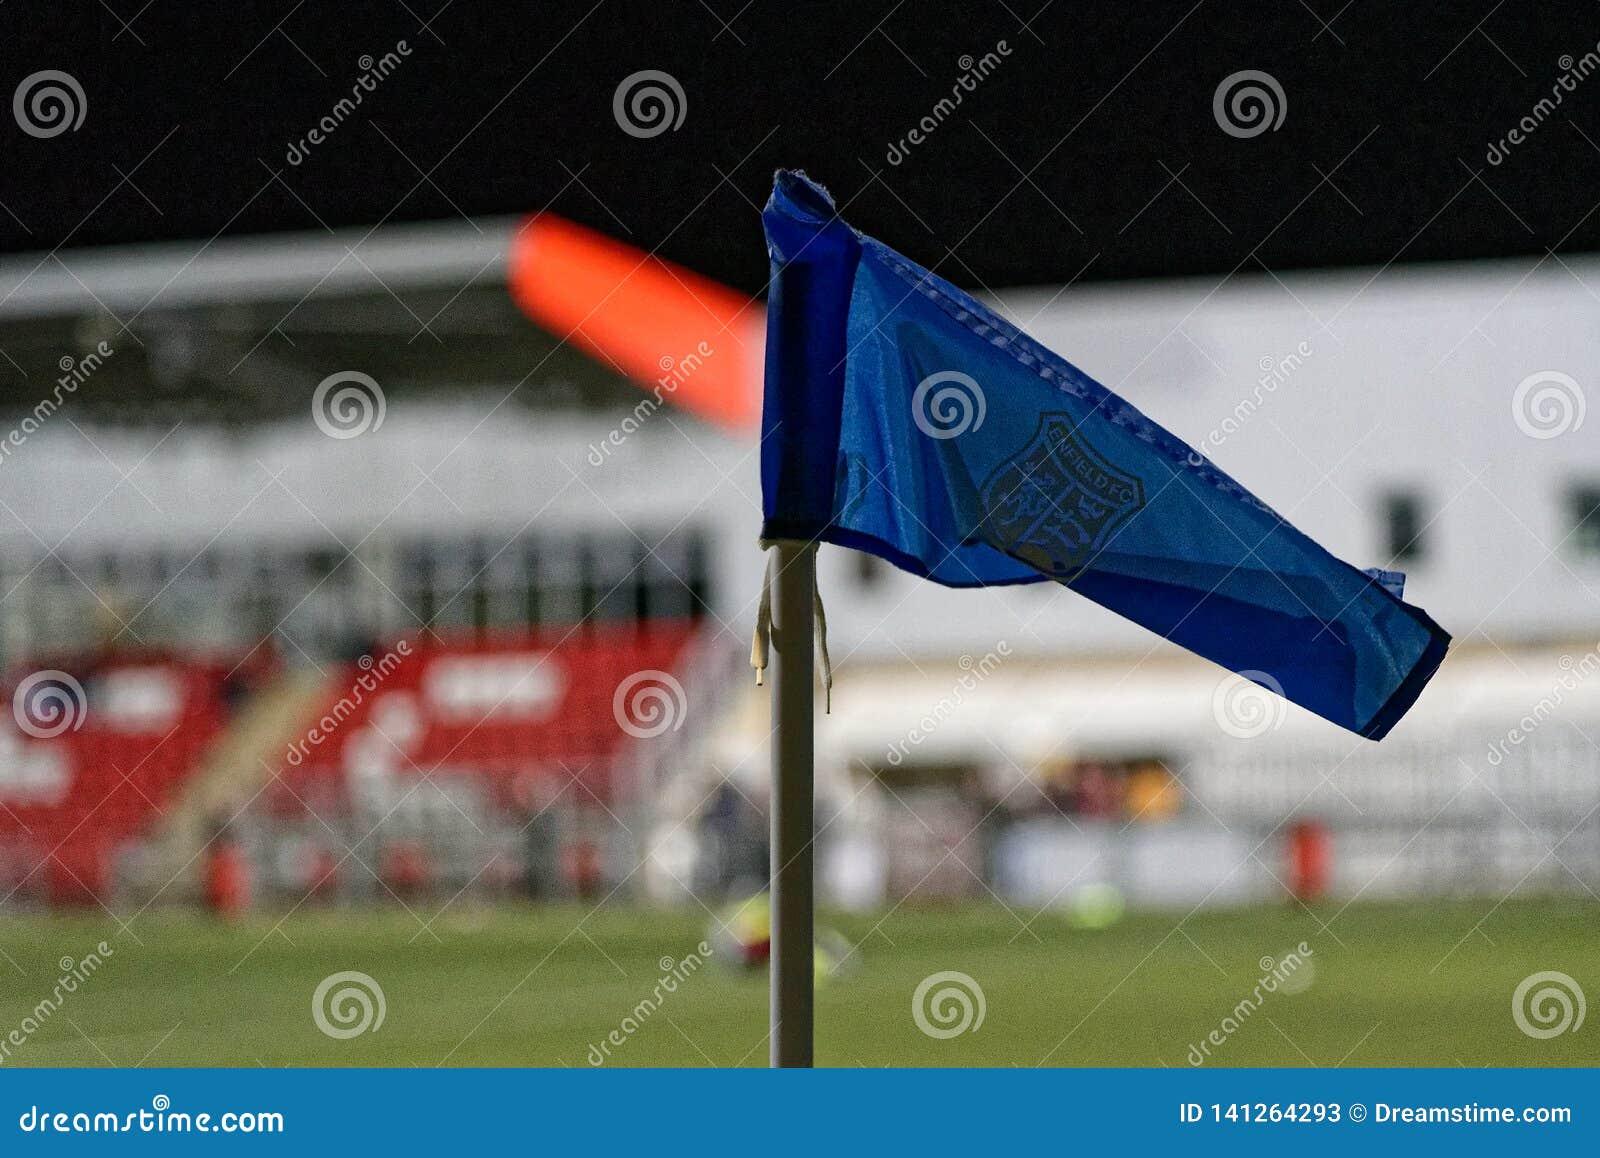 Σημαία αθλητικών γωνιών στο μπλε